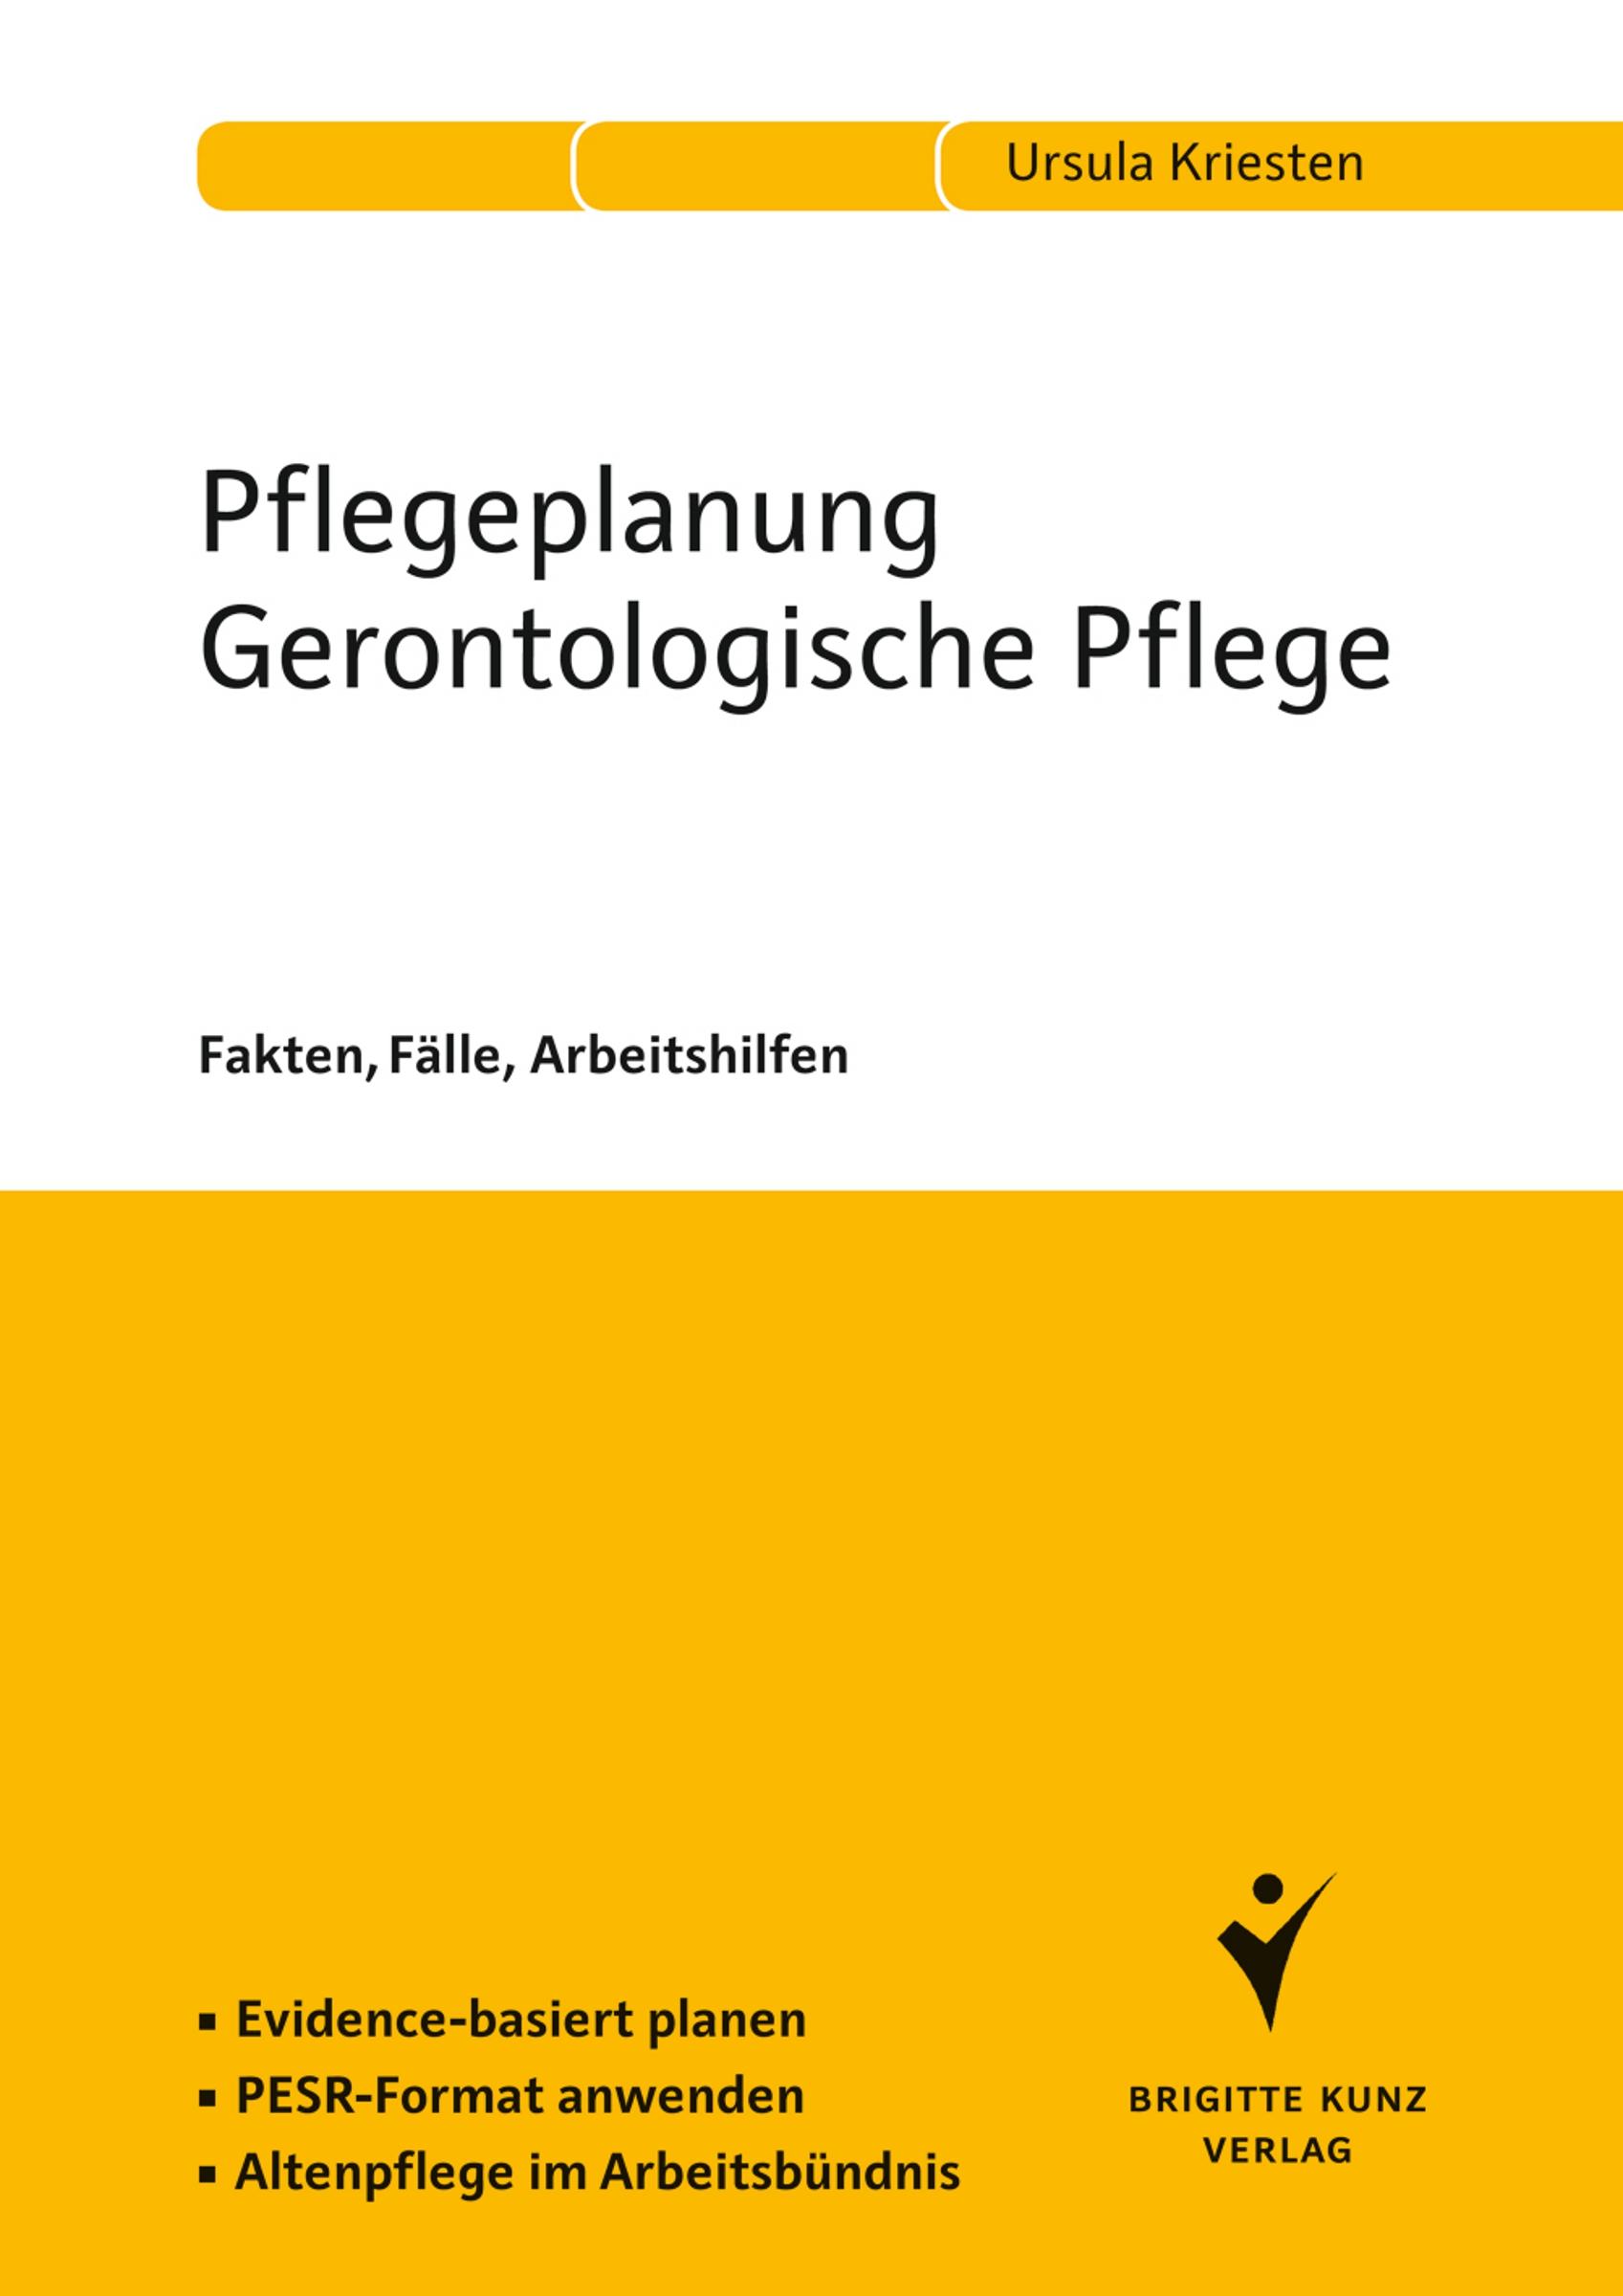 Pflegeplanung Gerontologische Pflege, Ursula Kriesten